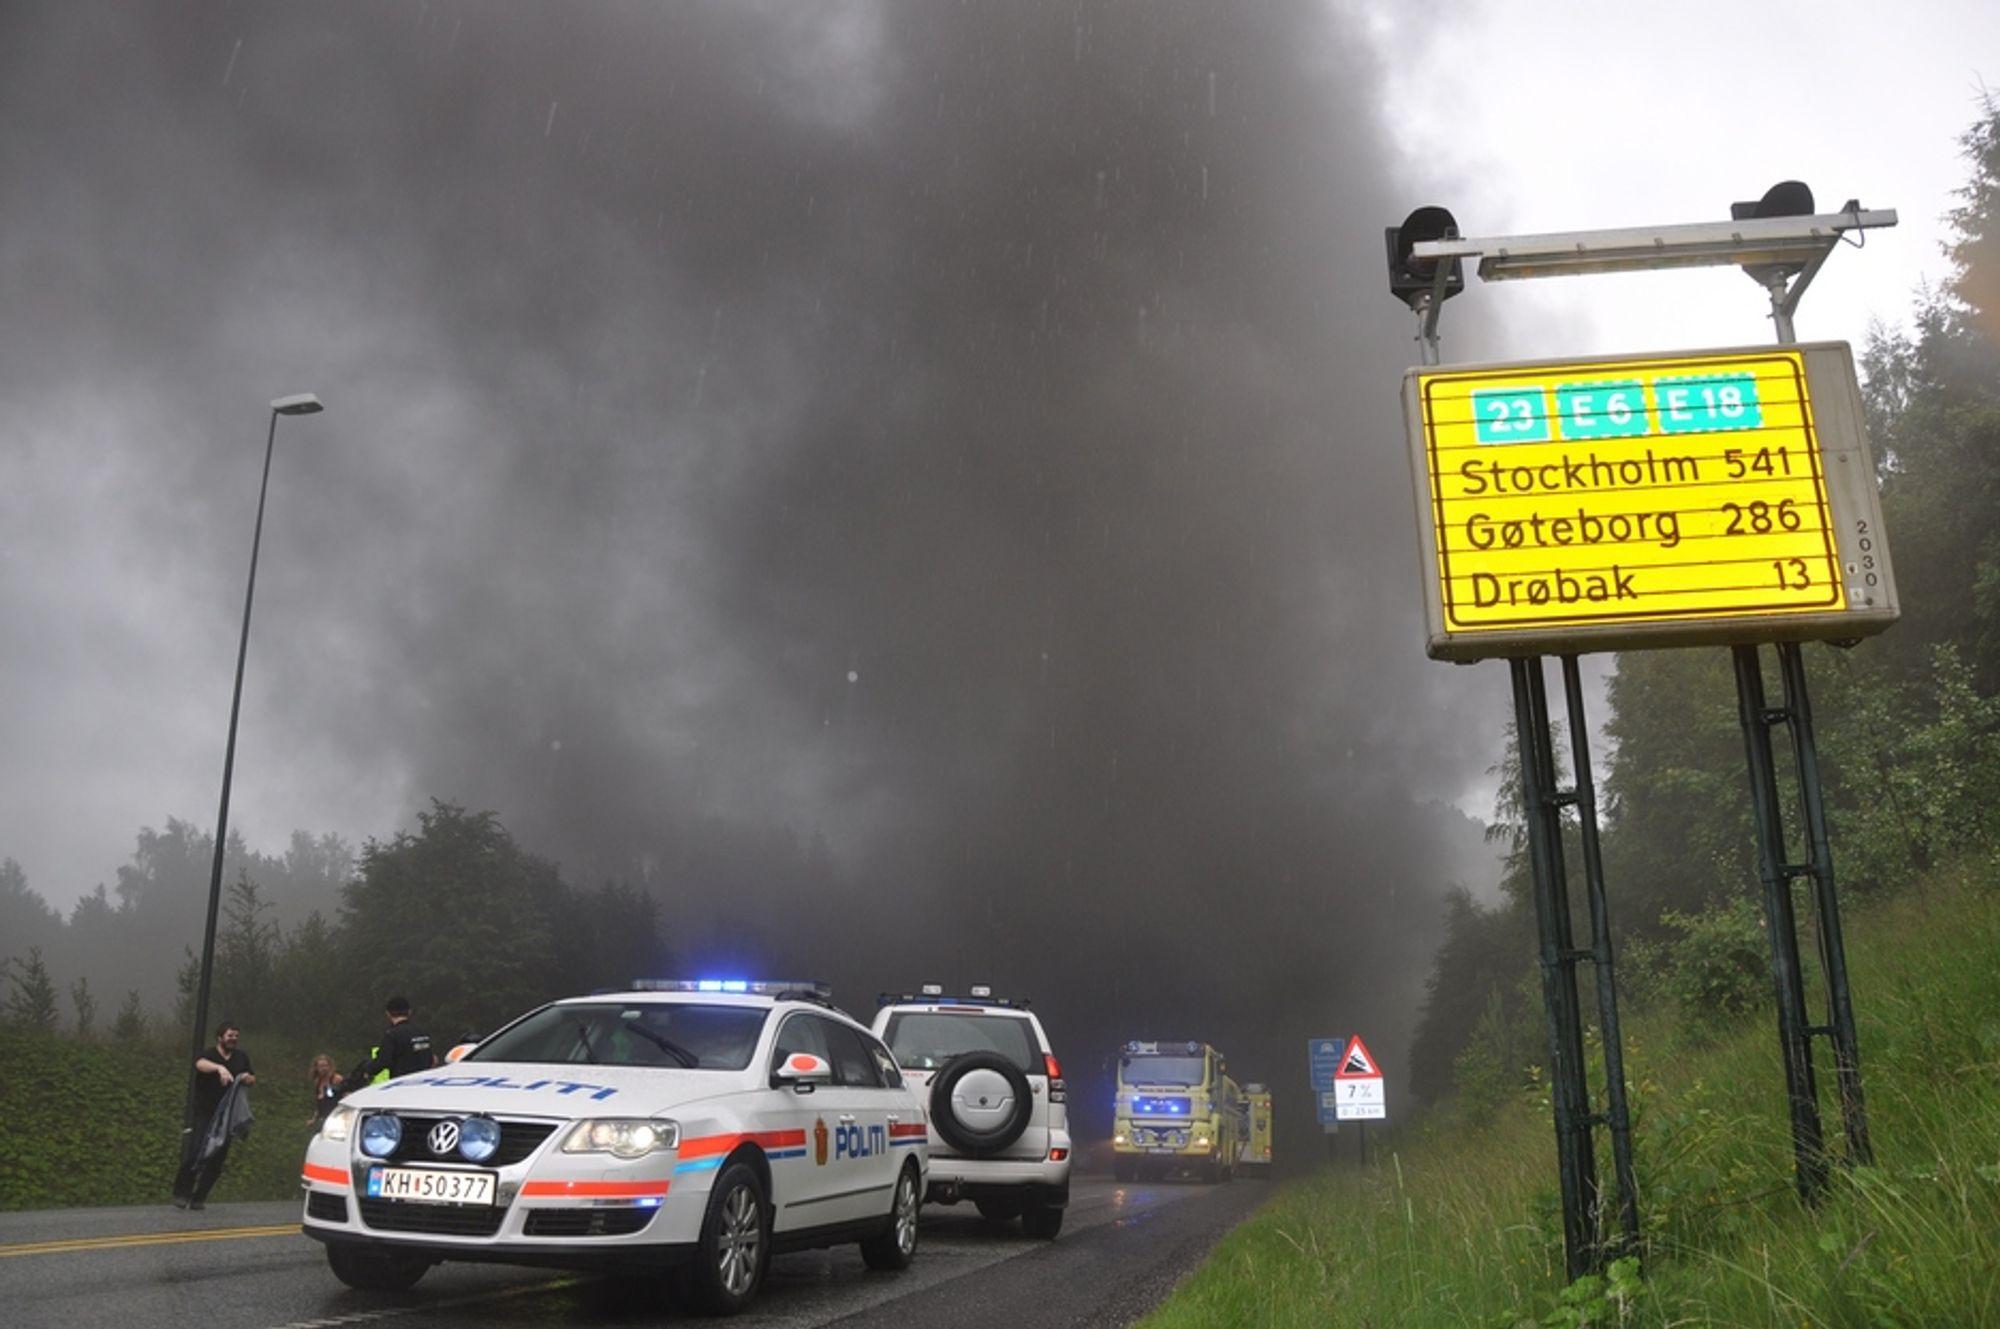 Det ble dramatisk etter at en lastebil torsdag tok fyr nær bunnen av Oslofjordtunnelen, røyk veltet ut av begge tunnelåpninger.